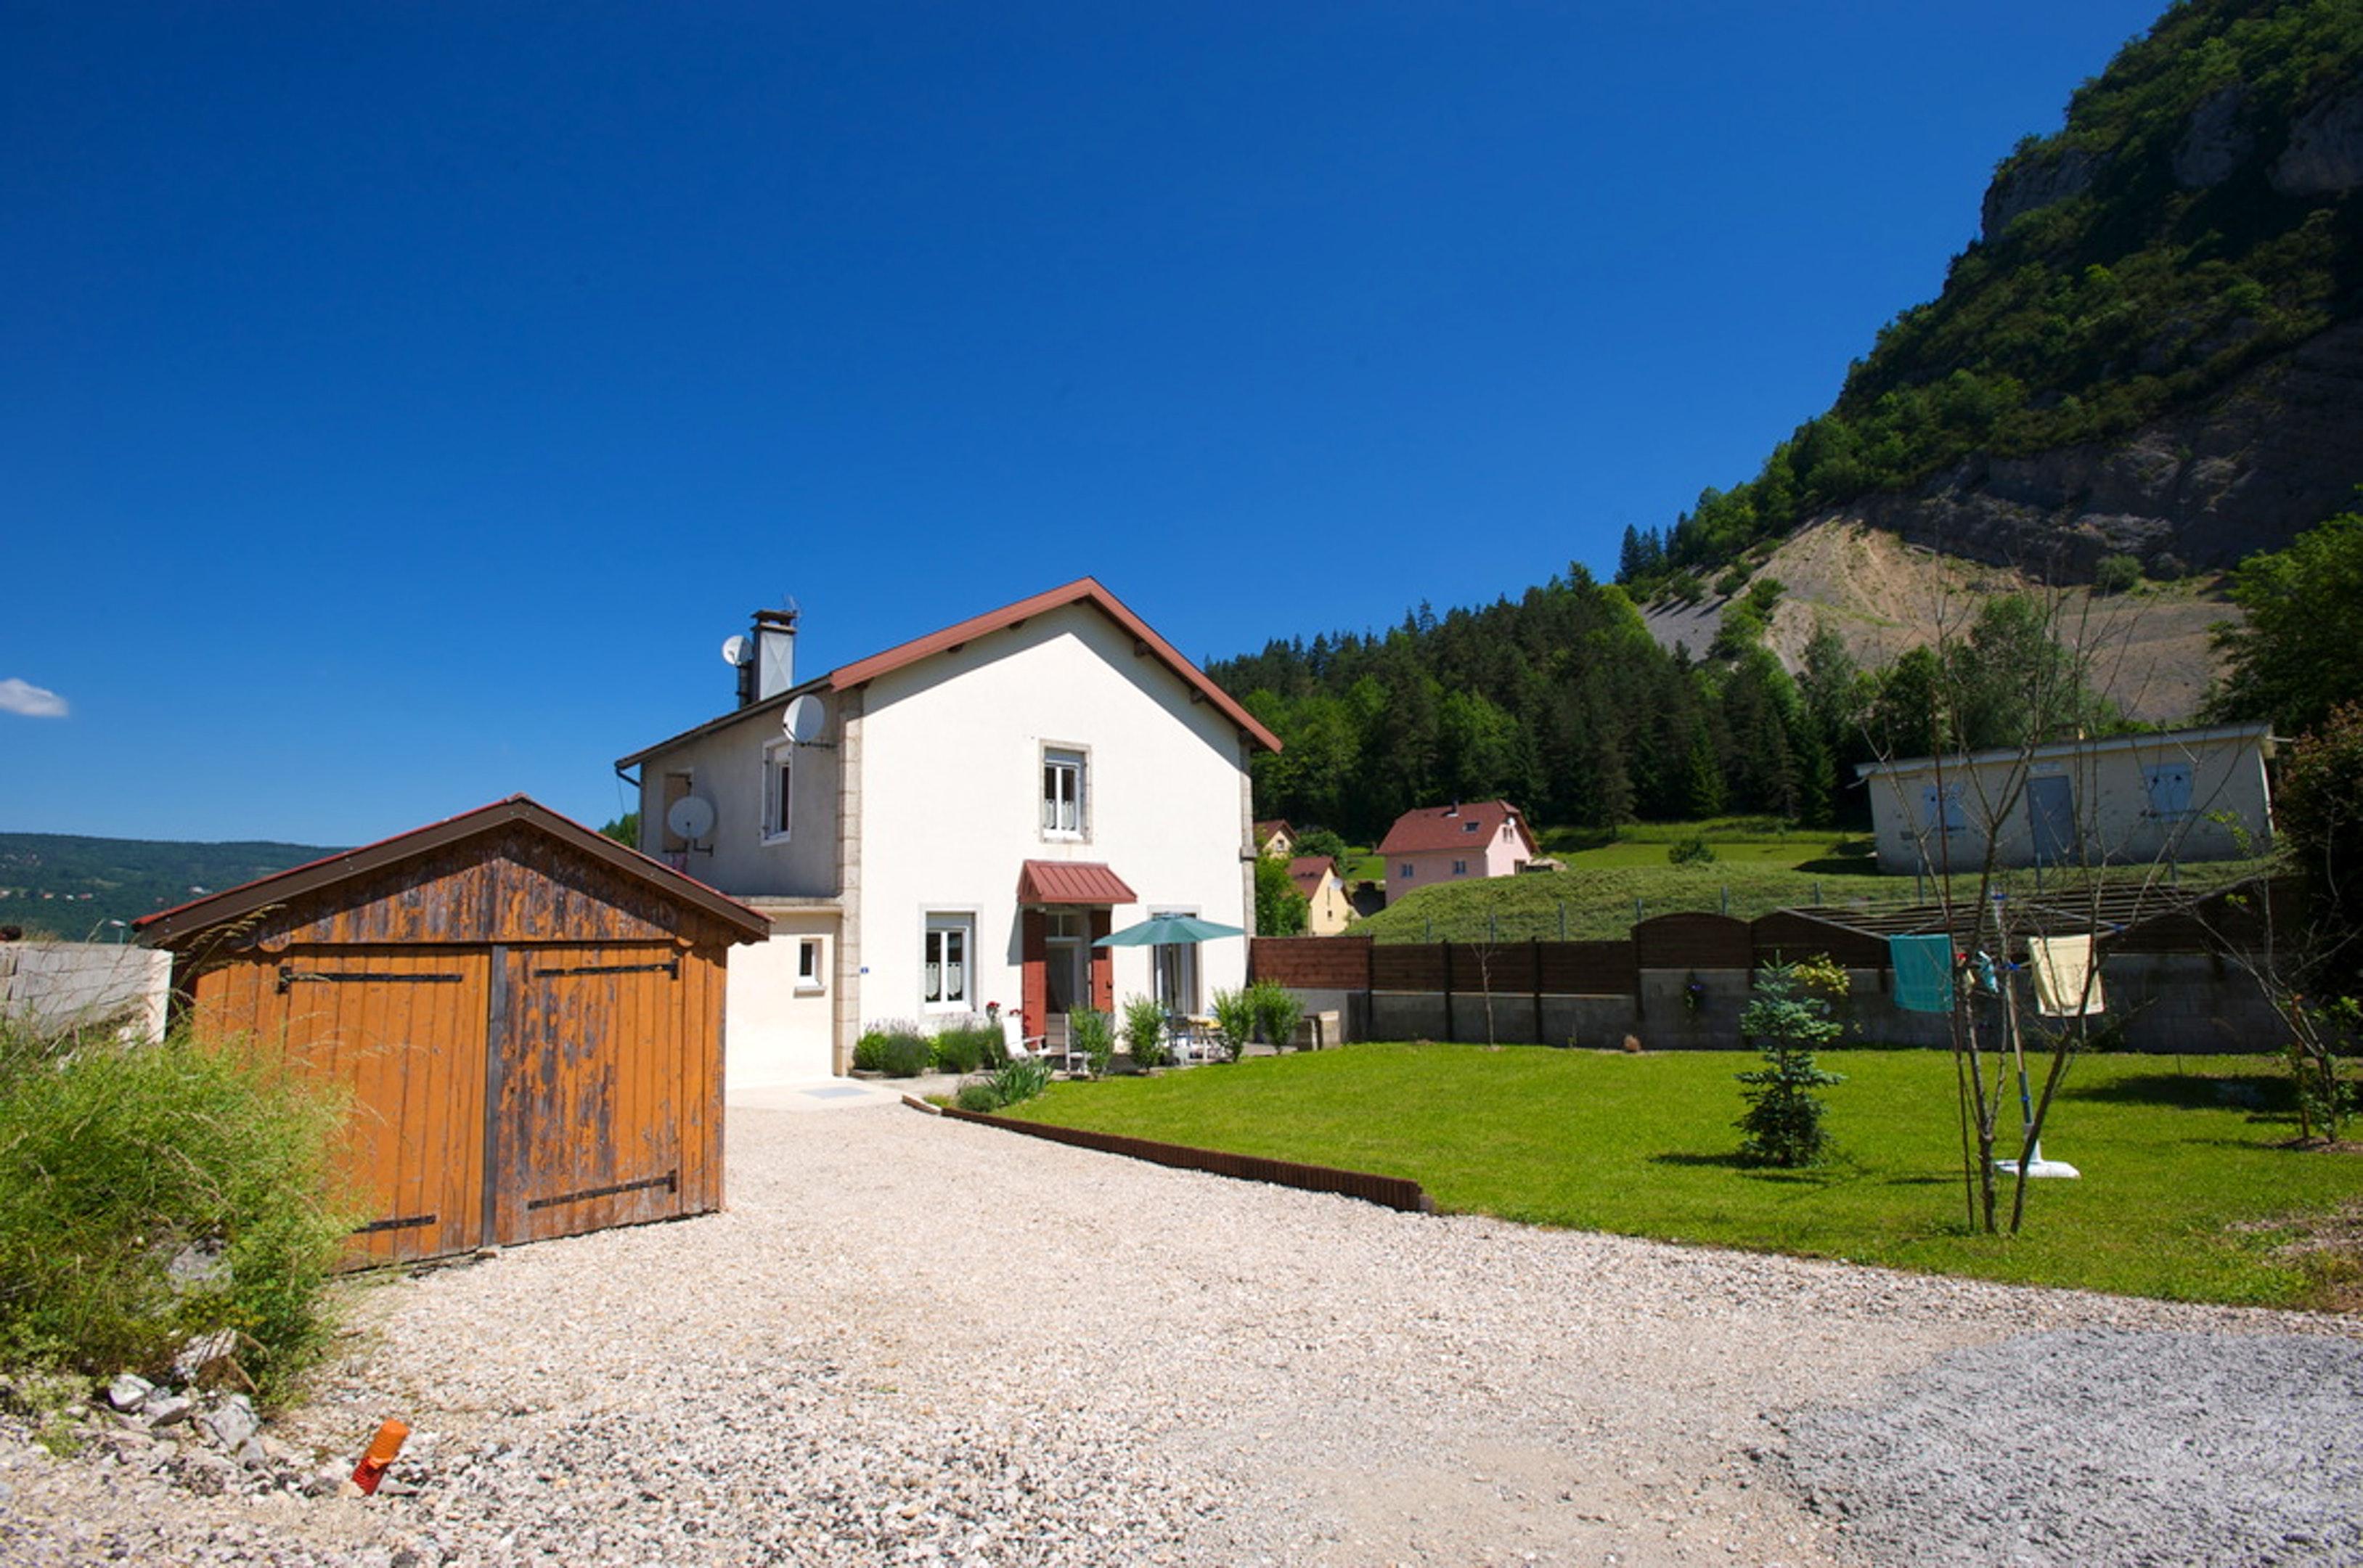 Maison de vacances Haus mit 2 Schlafzimmern in Villard-Saint-Sauveur mit toller Aussicht auf die Berge und ei (2704040), Villard sur Bienne, Jura, Franche-Comté, France, image 2